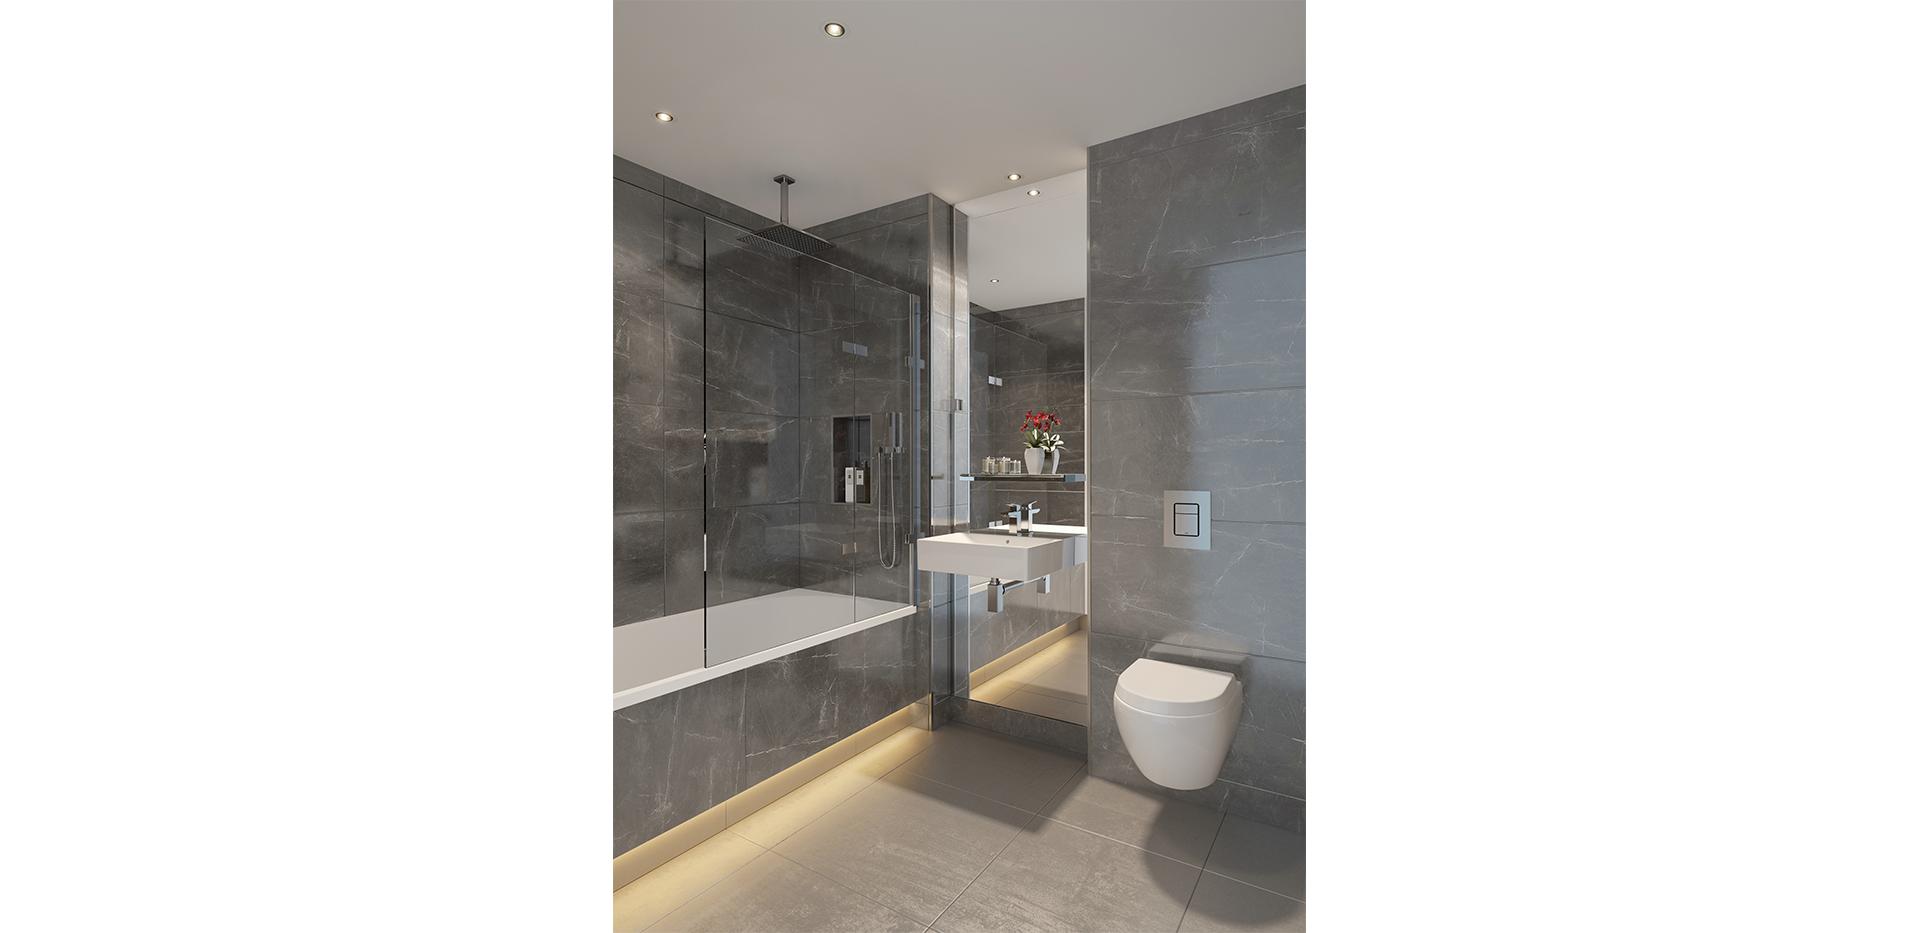 Berkeley, Vista, Bathroom, Interior